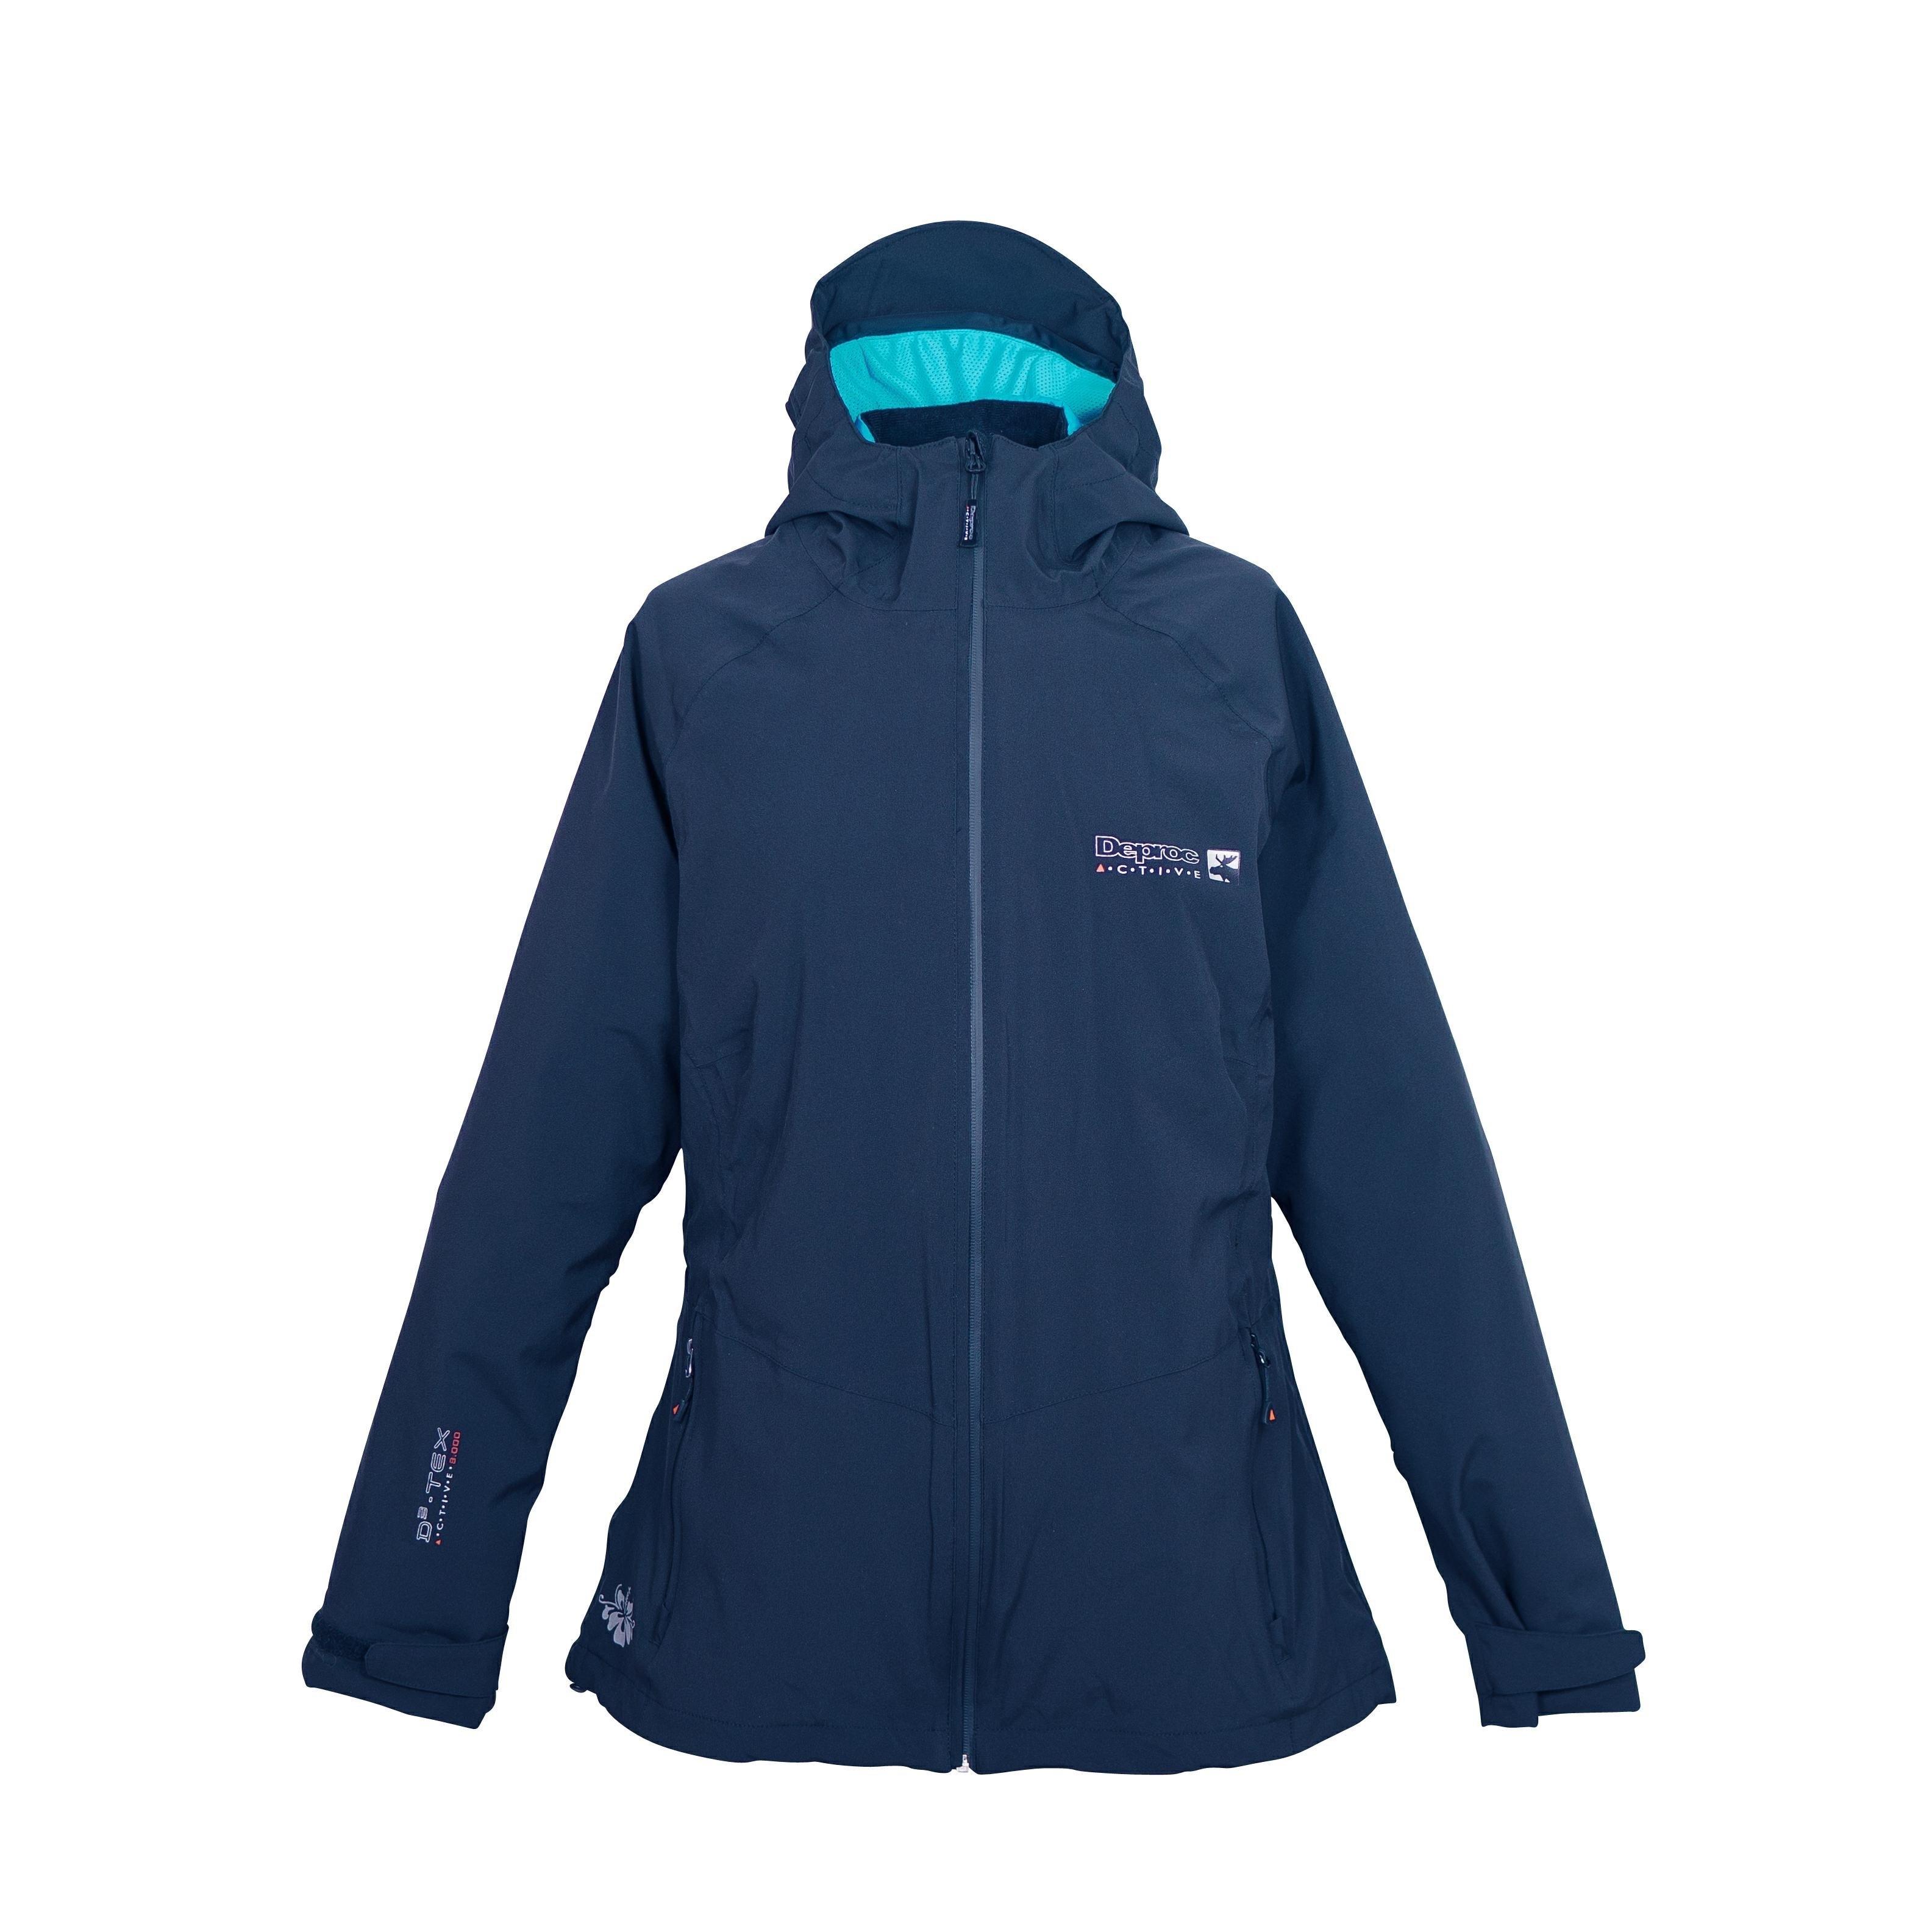 DEPROC Active outdoorjack Whistler SUMMER WOMEN met zip-in systeem voor bijpassend binnenjack - verschillende betaalmethodes